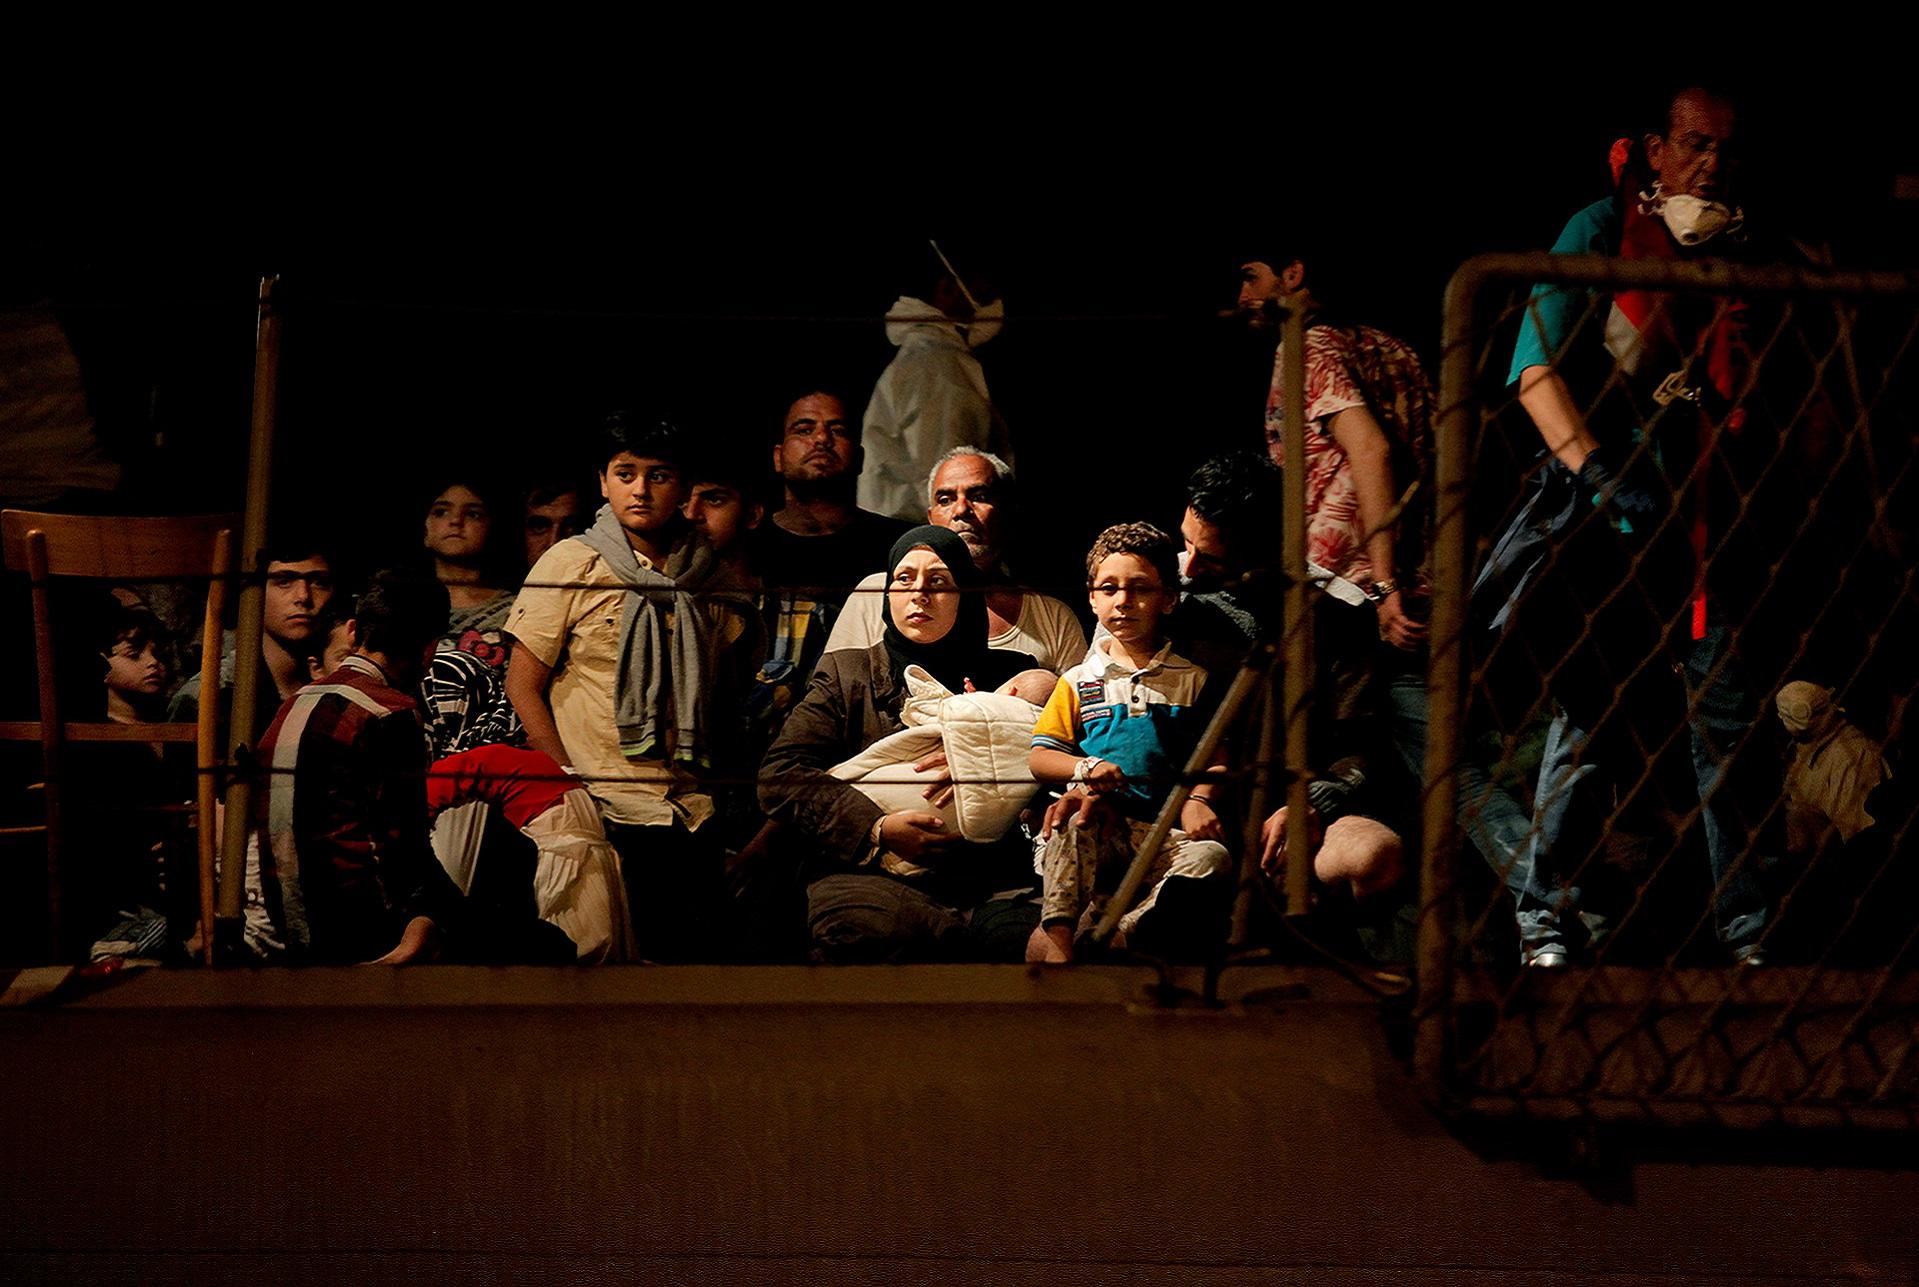 Alla Galleria Modotti una mostra sulla Rotta Balcanica